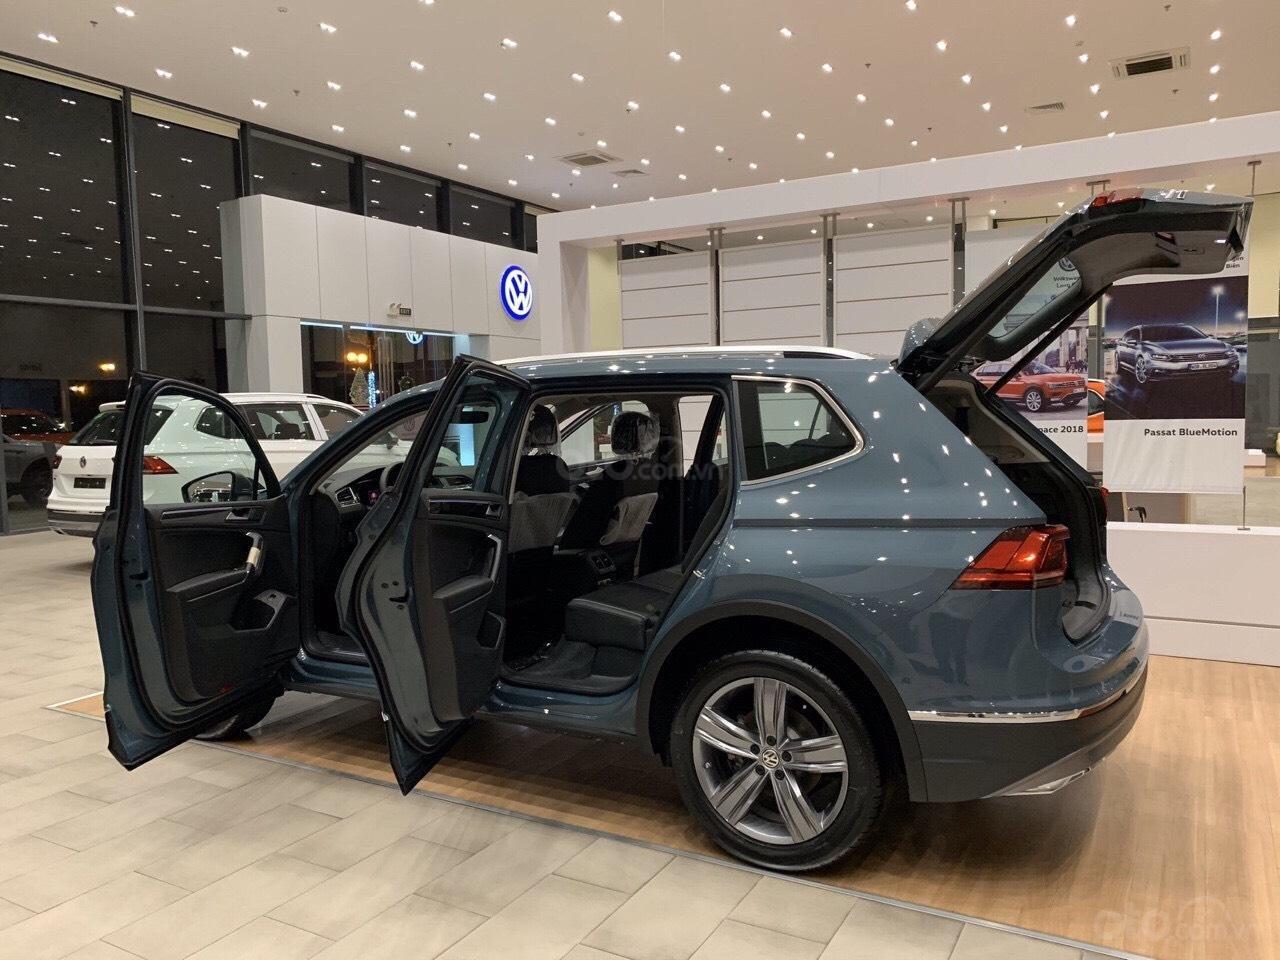 Vw Tiguan Luxury S Màu xanh Petro xe nhập 100% hiếm có - độc lạ - Có sẵn giao ngay - Ngân hàng 80% (5)